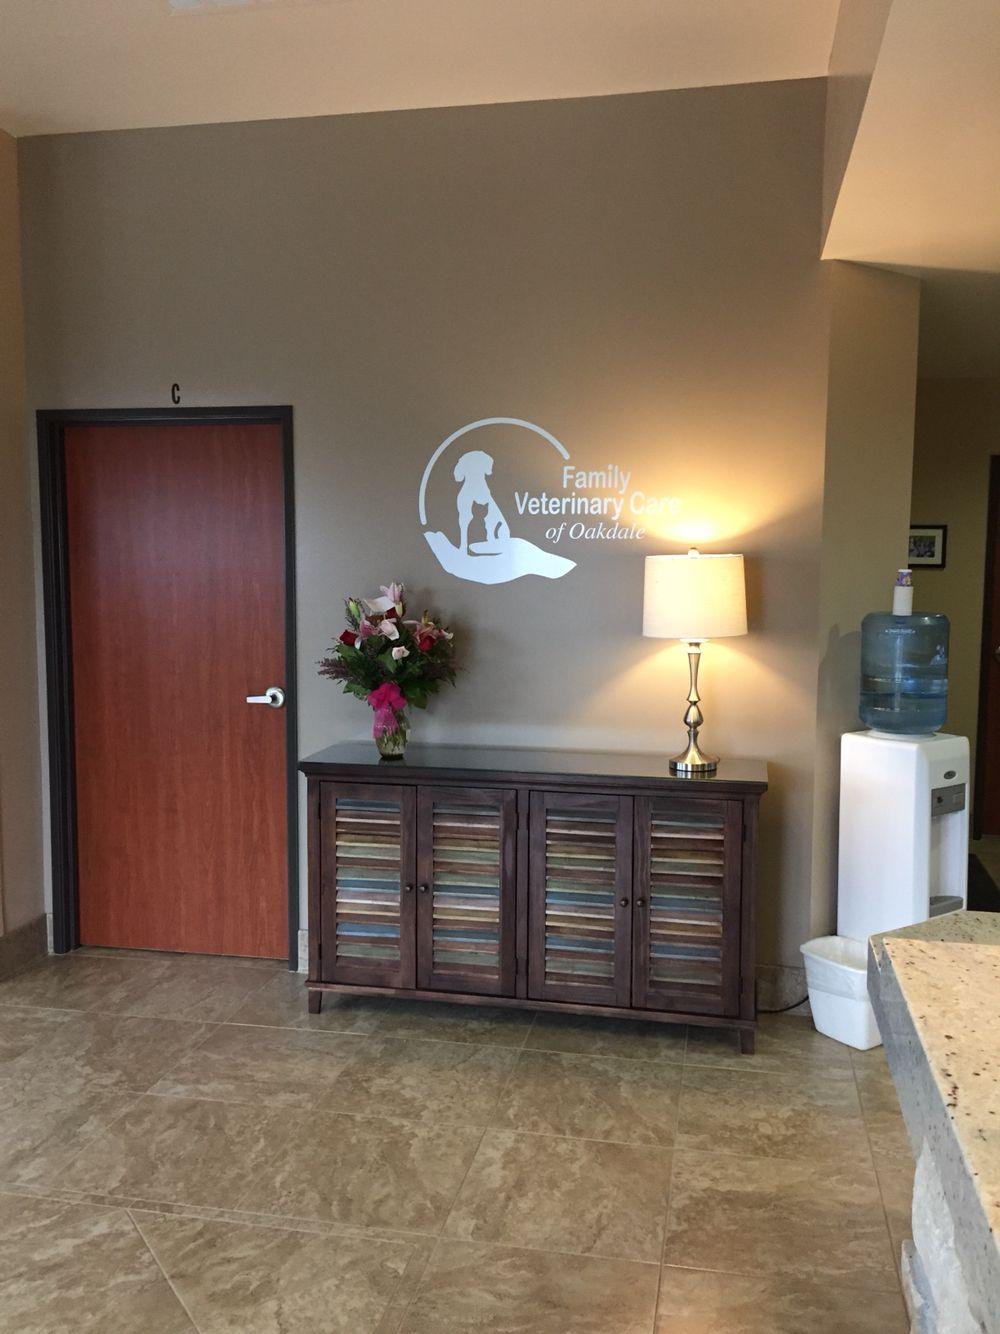 Lobby/logo Oakdale, Home decor, Veterinary hospital